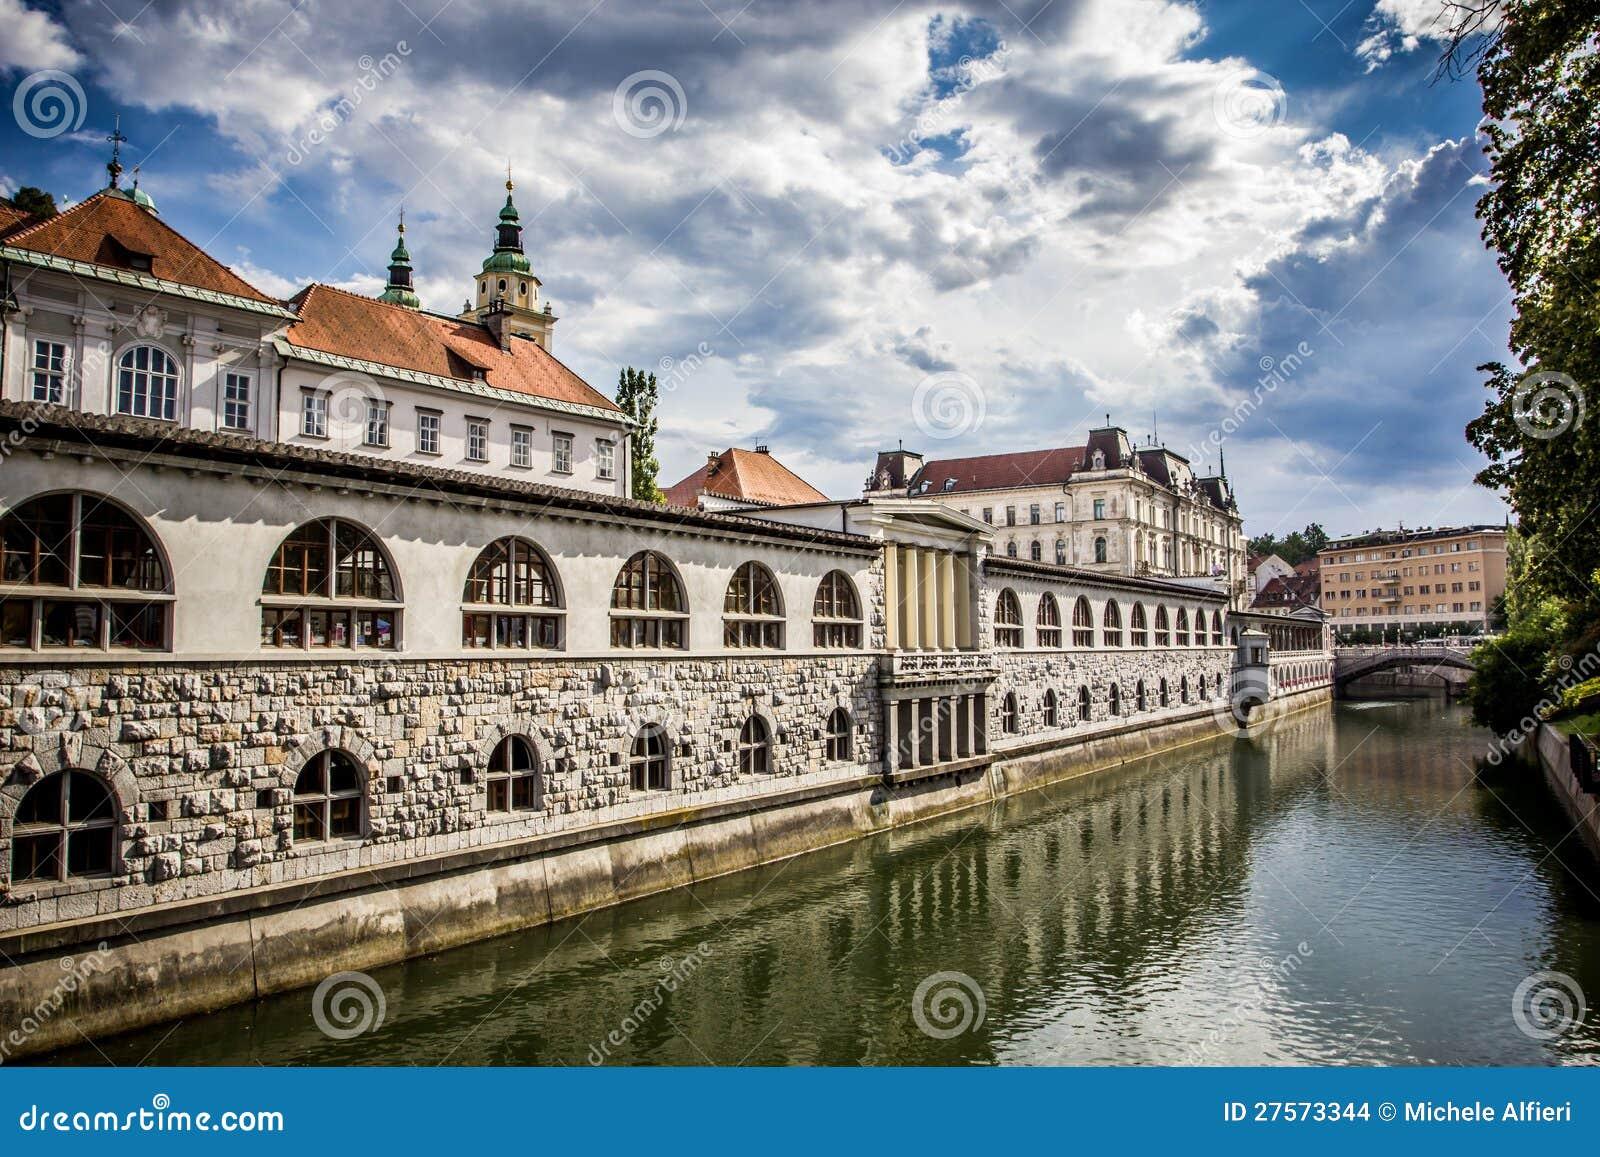 Ergebnissen 1 - 16 von 34. Ein Wochenende in Ljubljana (Wandkalender 2019 DIN A2 quer): Ljubljana - Natur und Kultur erleben (Monatskalender, 14 Seiten ).